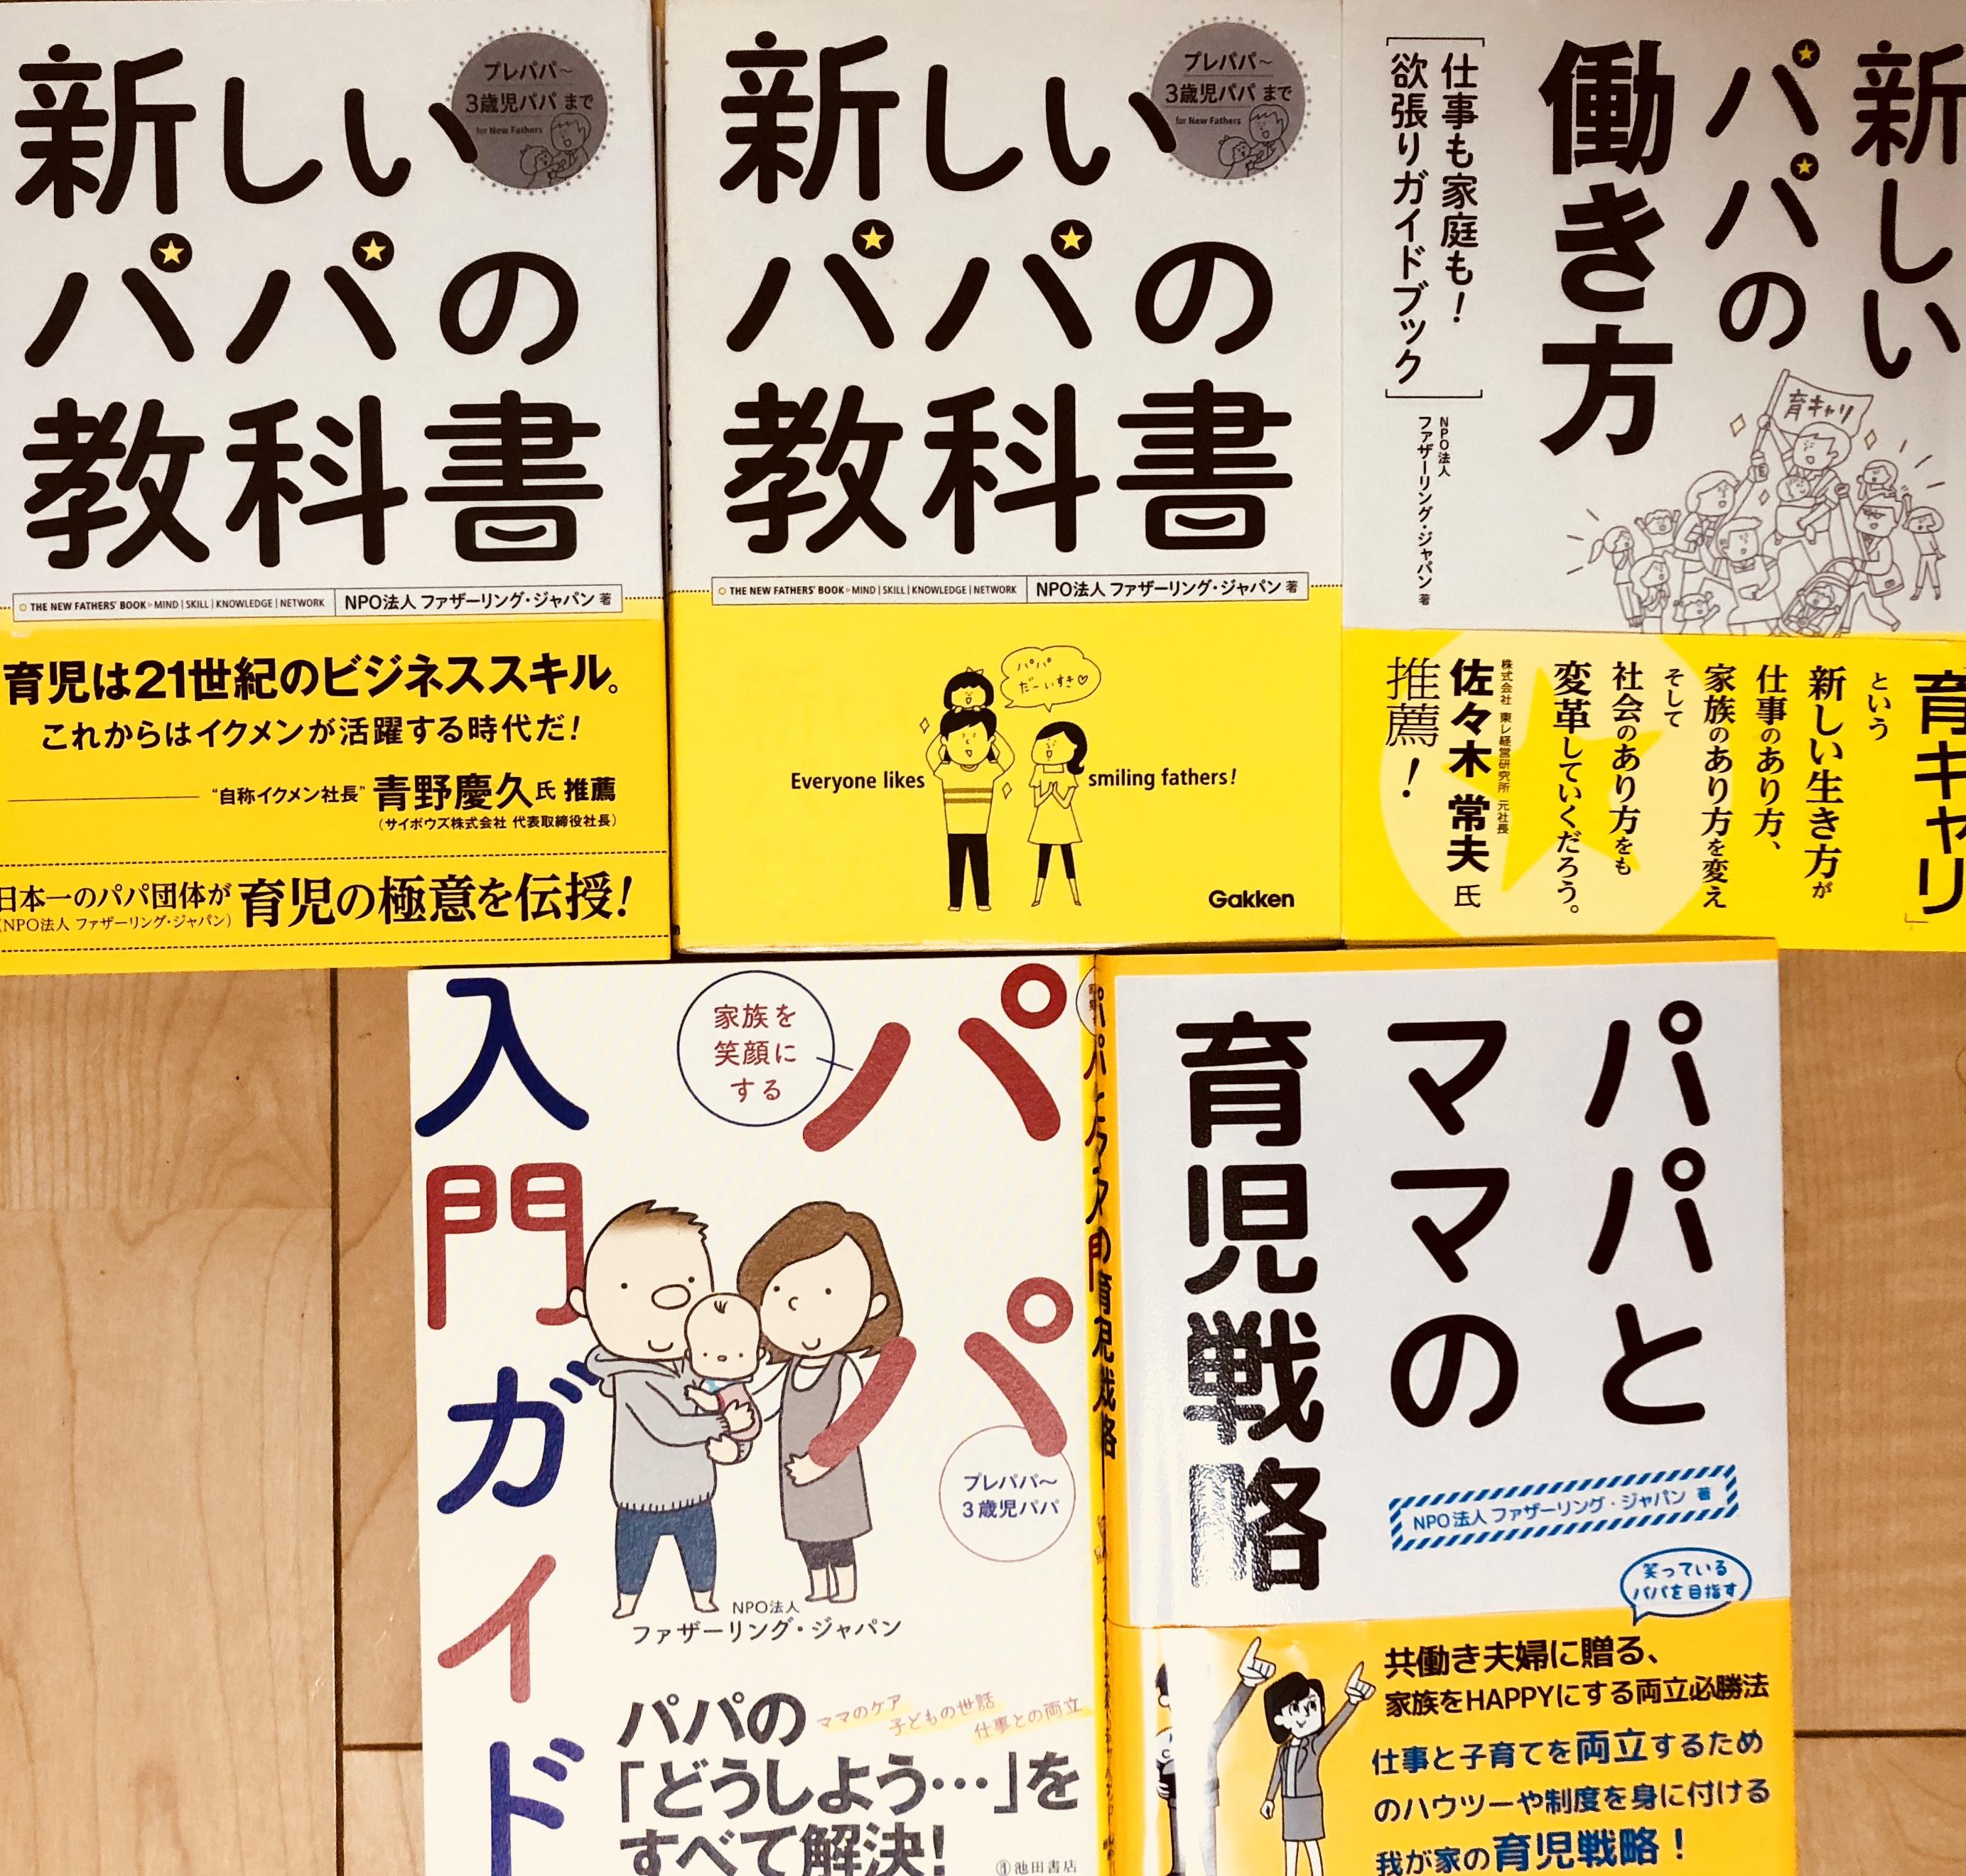 ファザーリング・ジャパンが出した本〜あれから5年